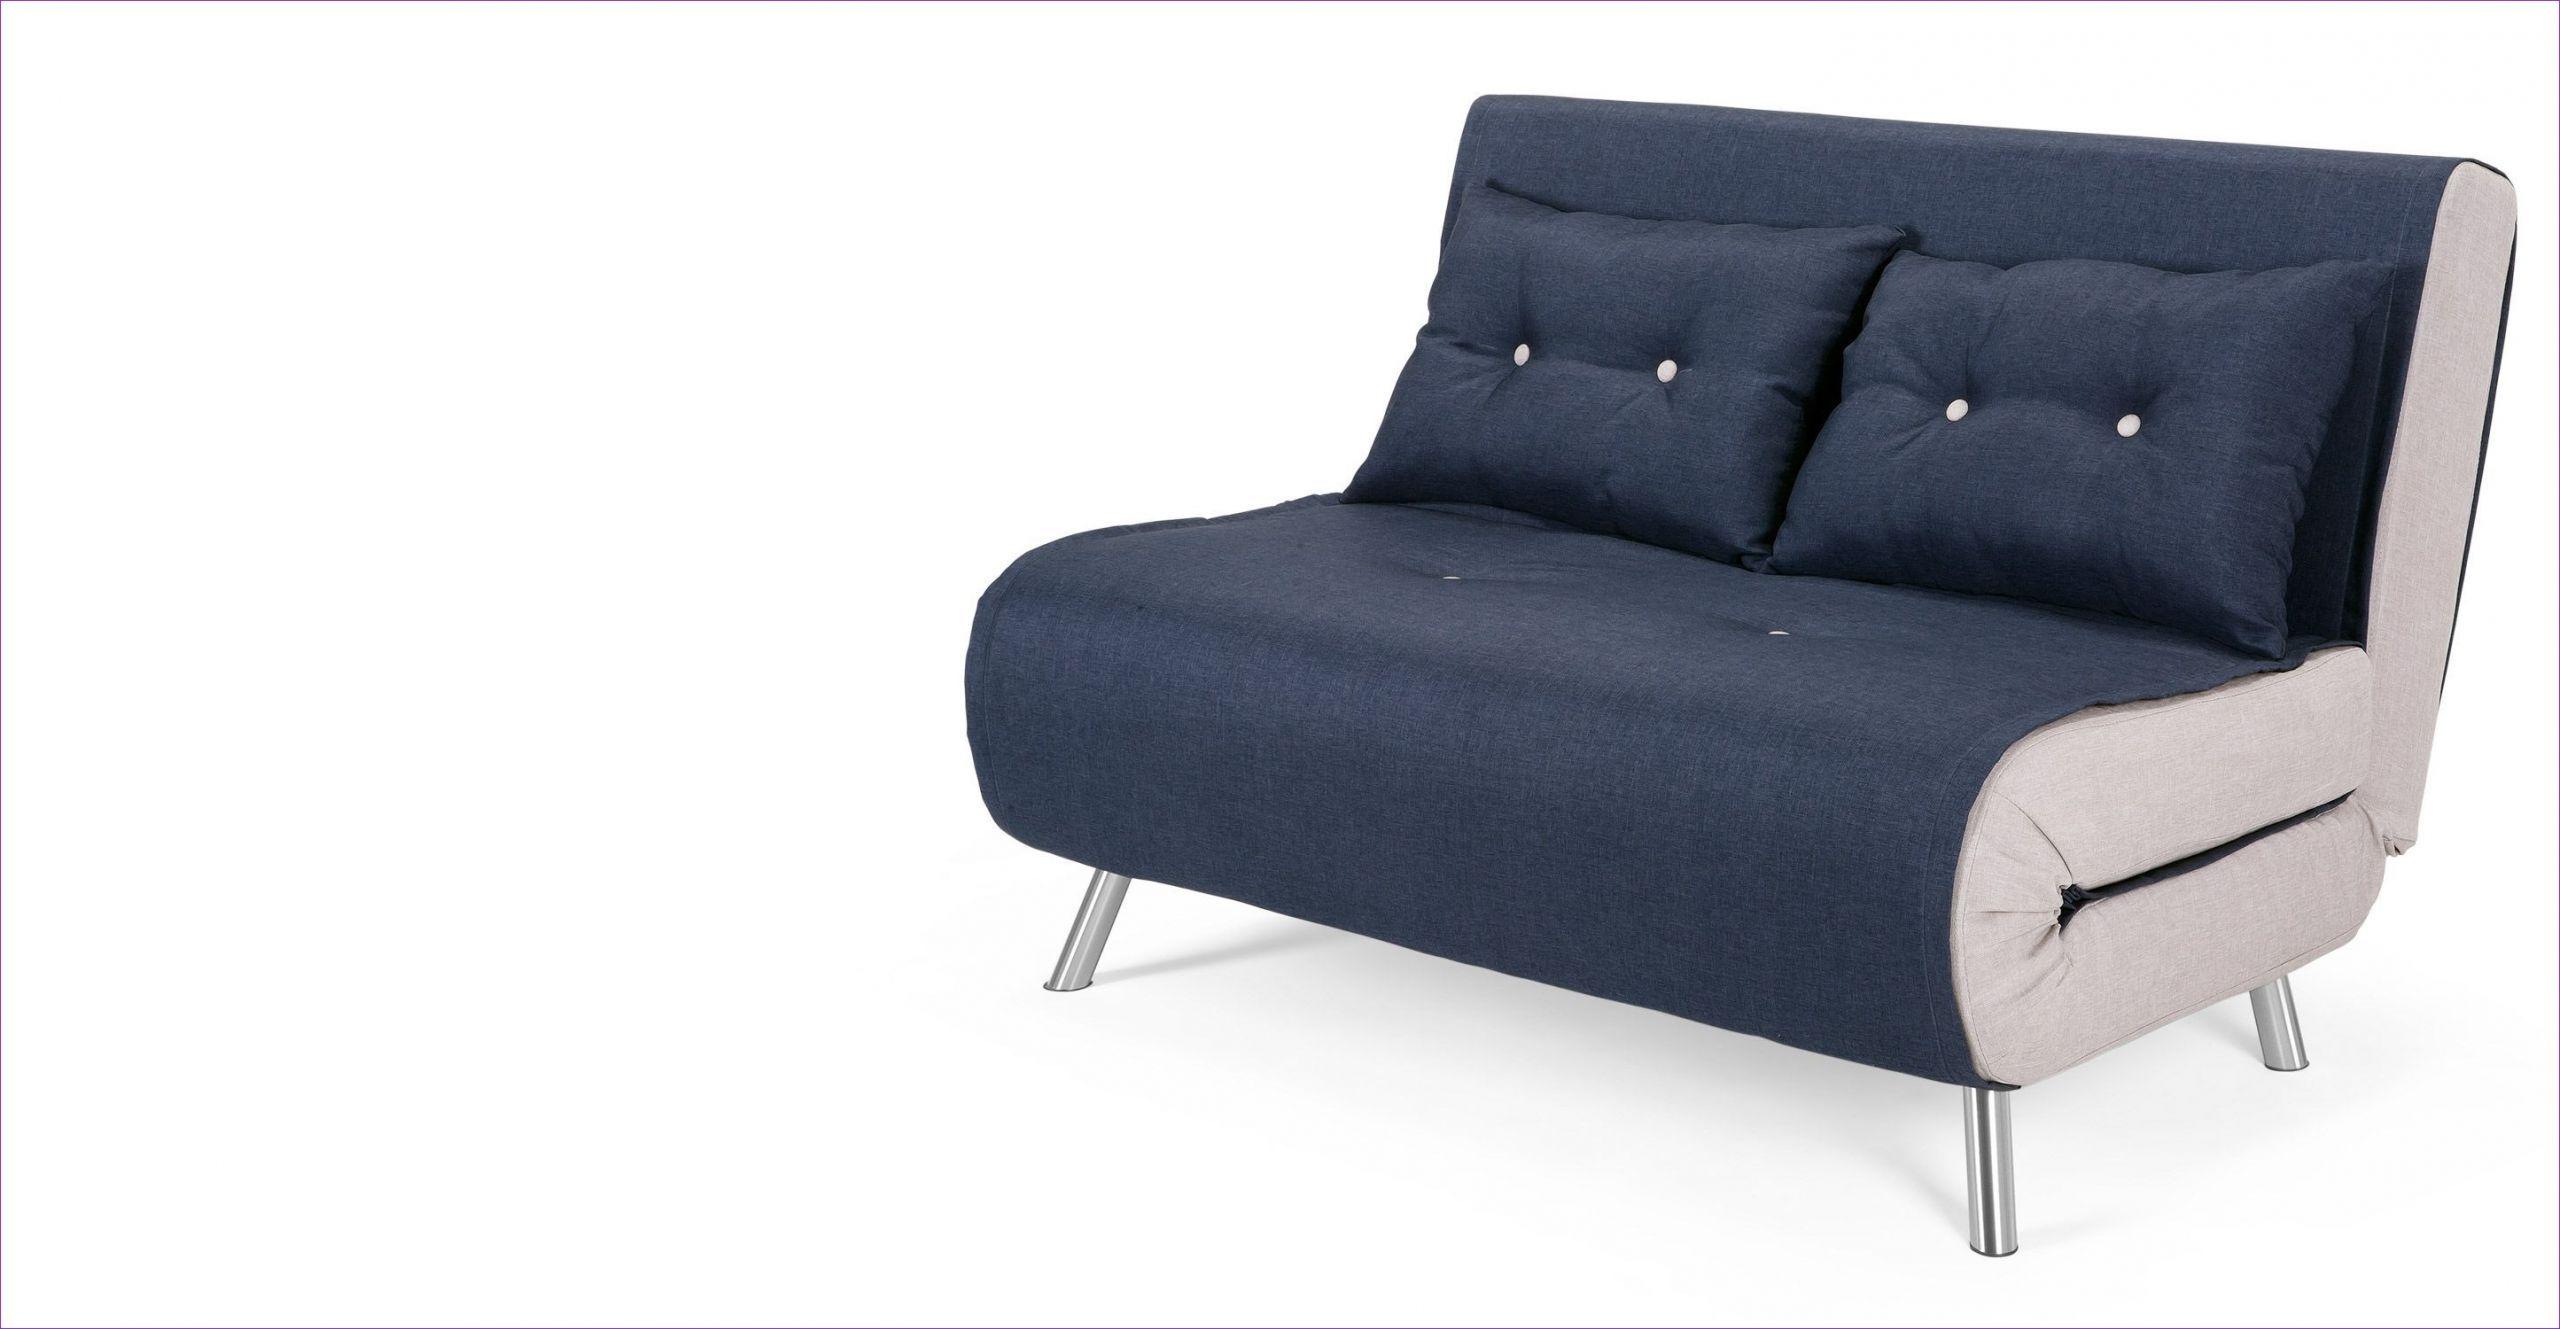 12 Skurril Fotos Von Kleines Schlafsofa Ikea Di 2020